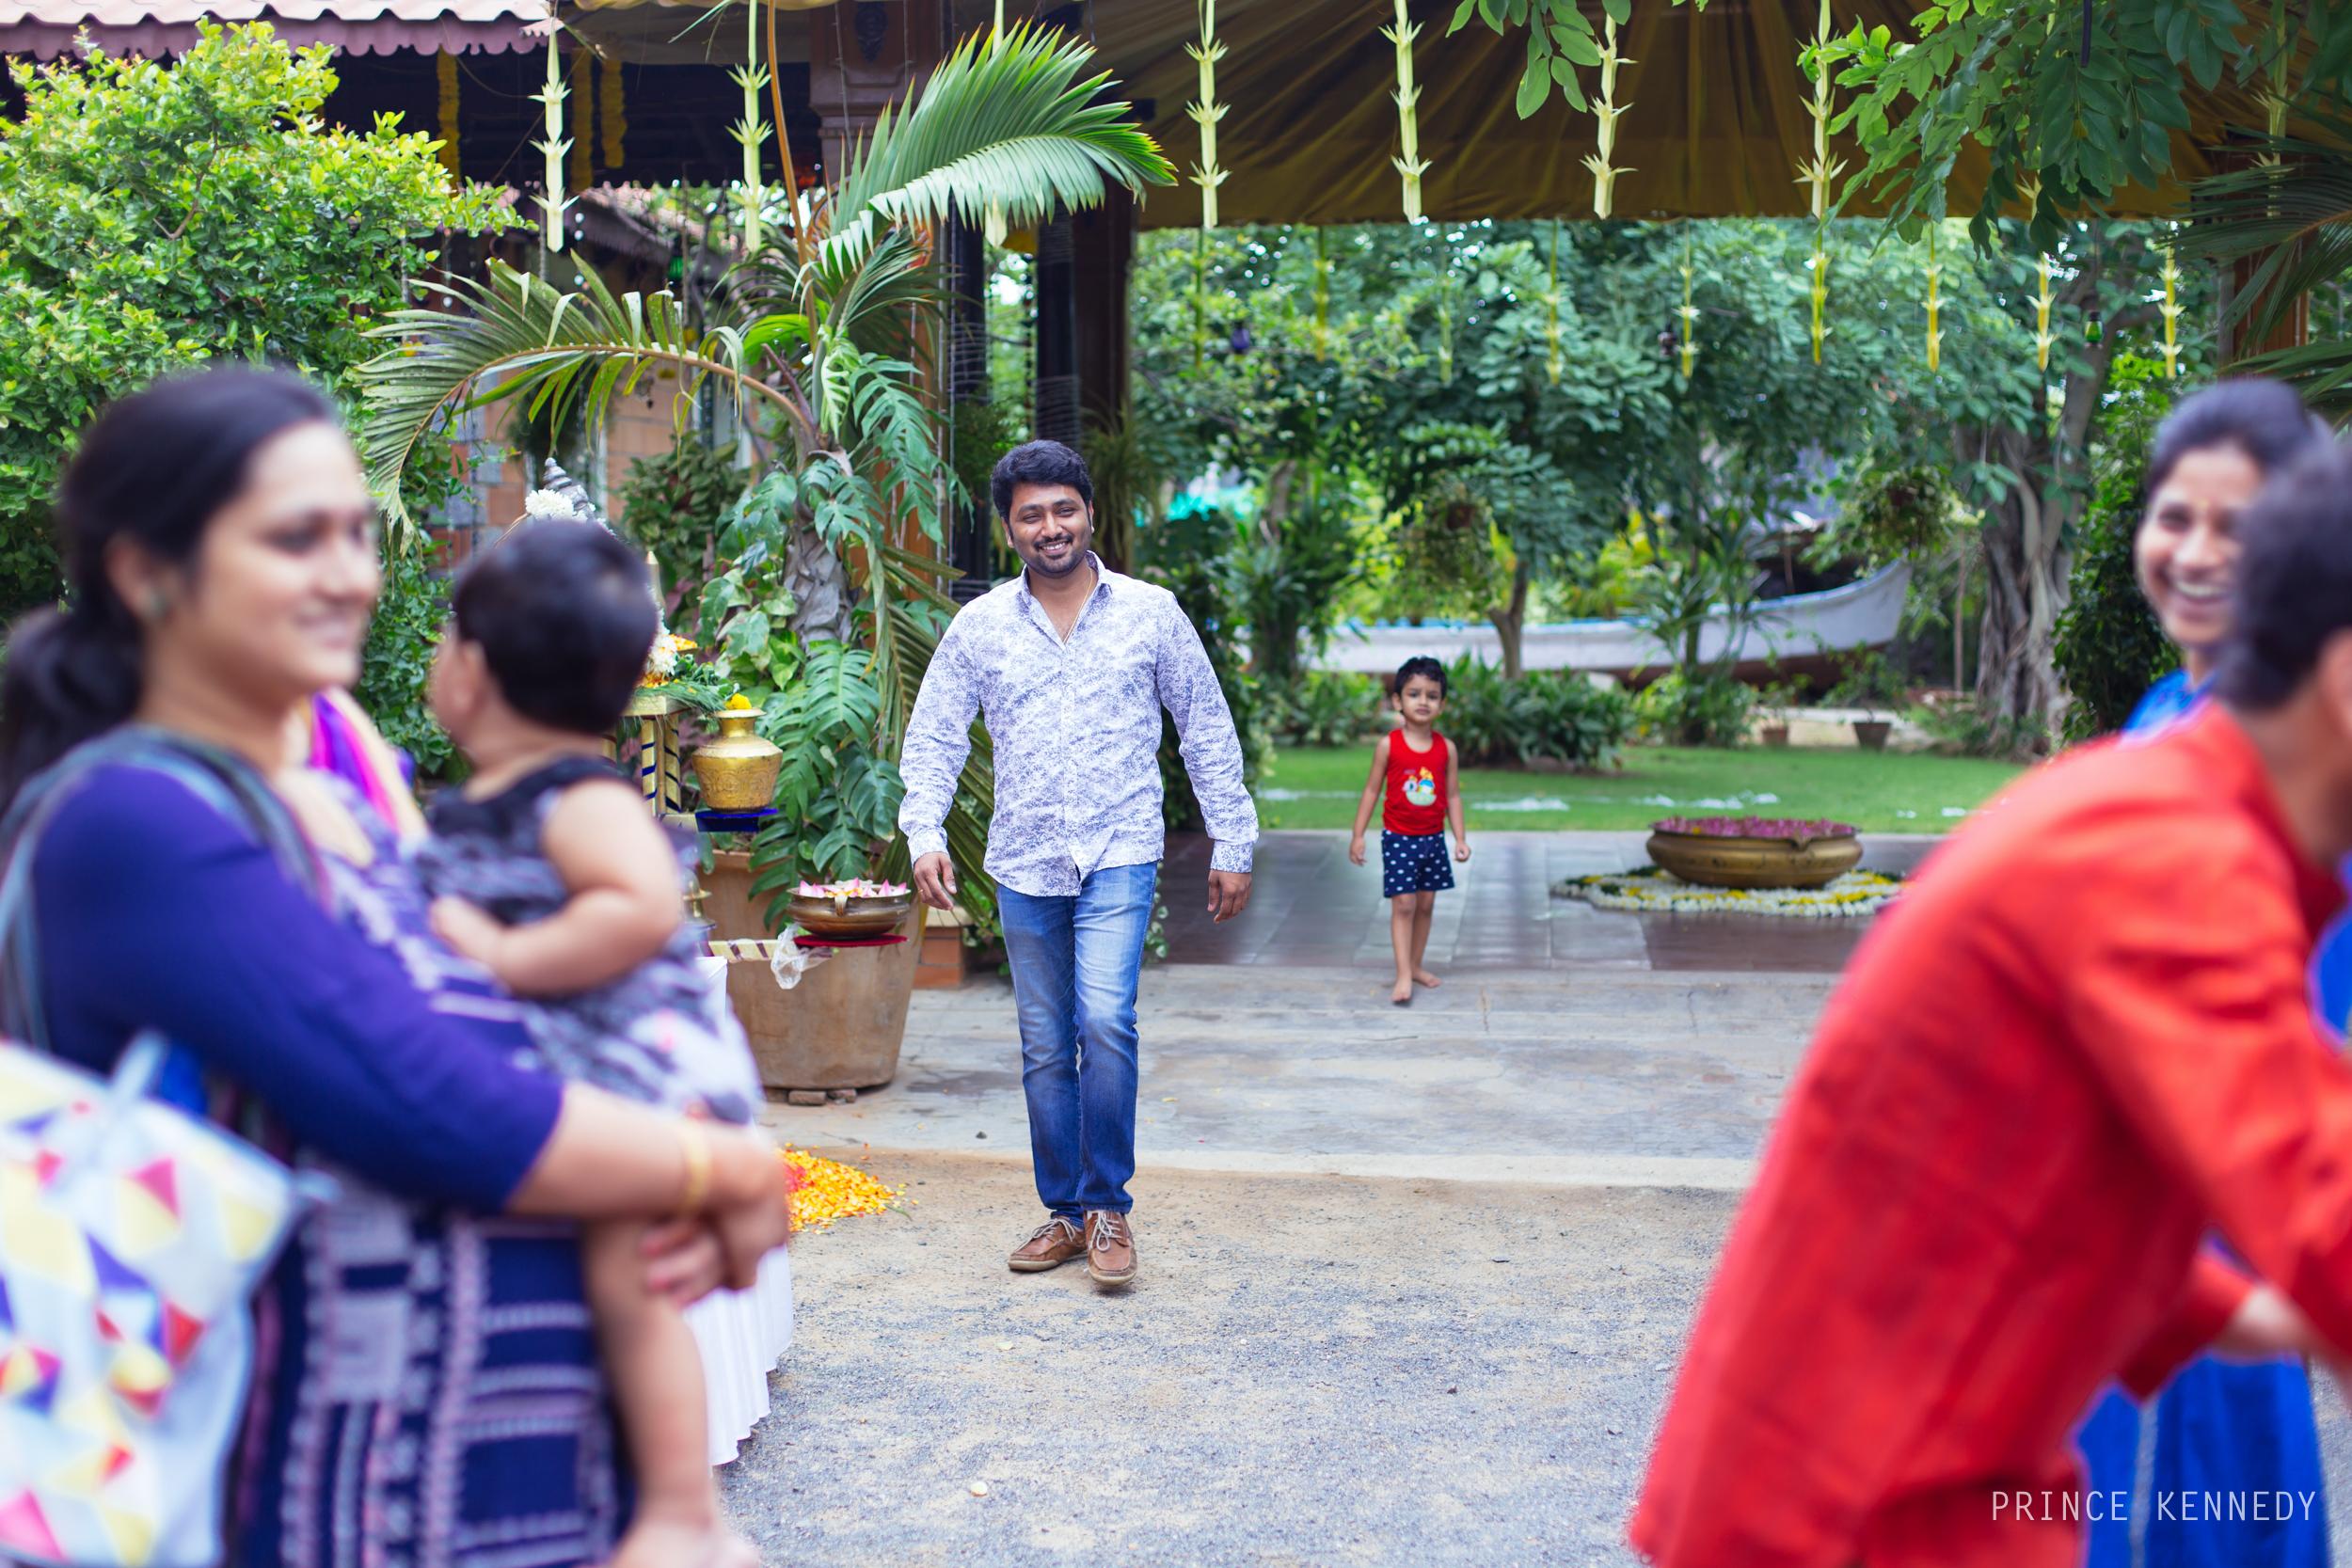 Engagement-Couple-Portrait-Portraiture-Wedding-Couple-Portrait-Chennai-Photographer-Candid-Photography-Destination-Best-Prince-Kennedy-Photography-7.jpg